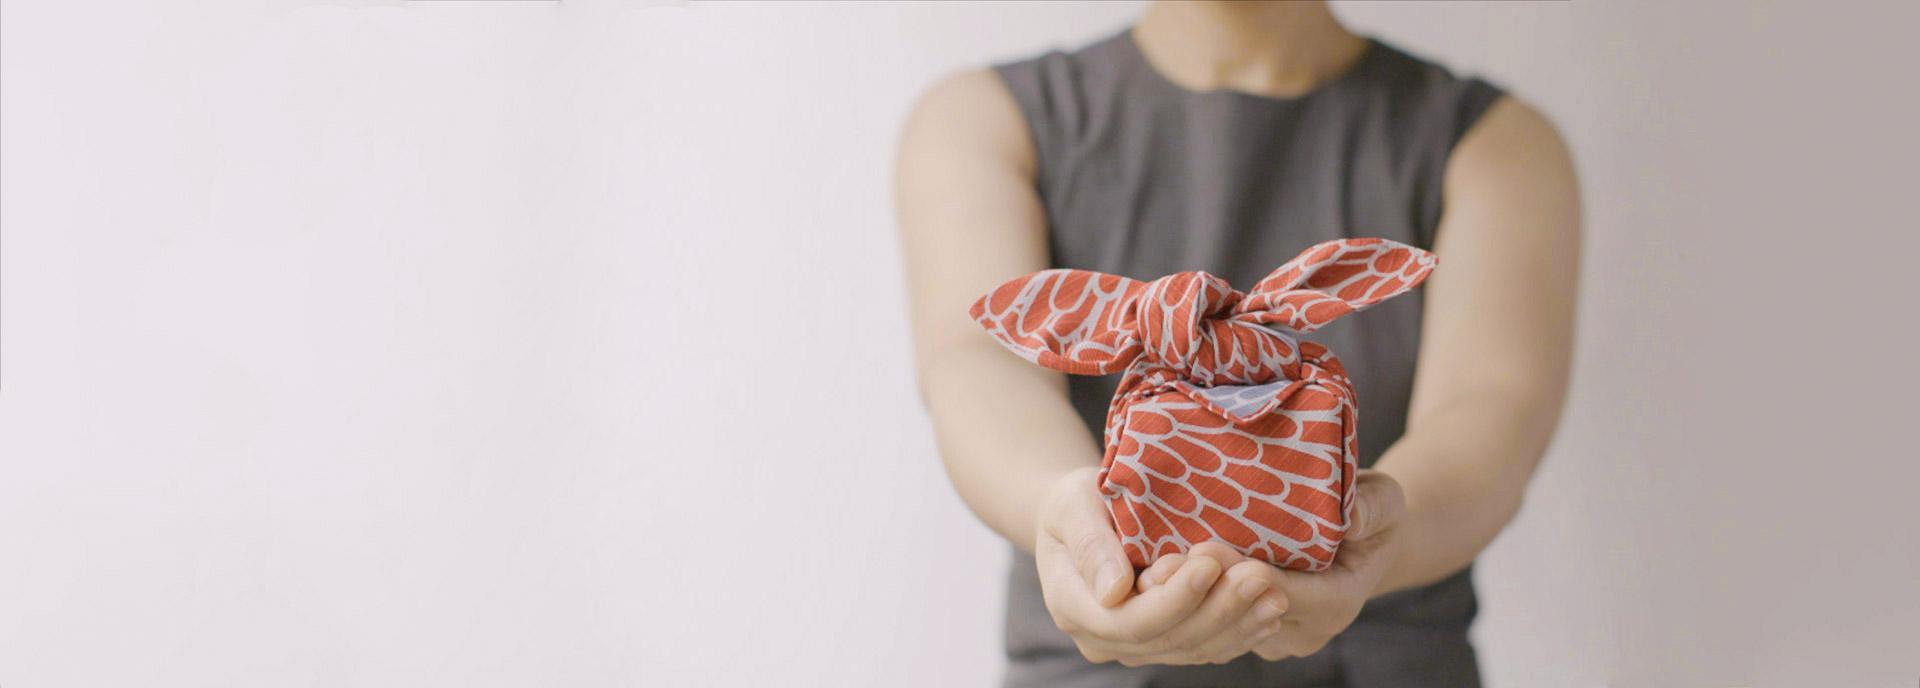 Donna che porge un pacco infiocchettato in dono